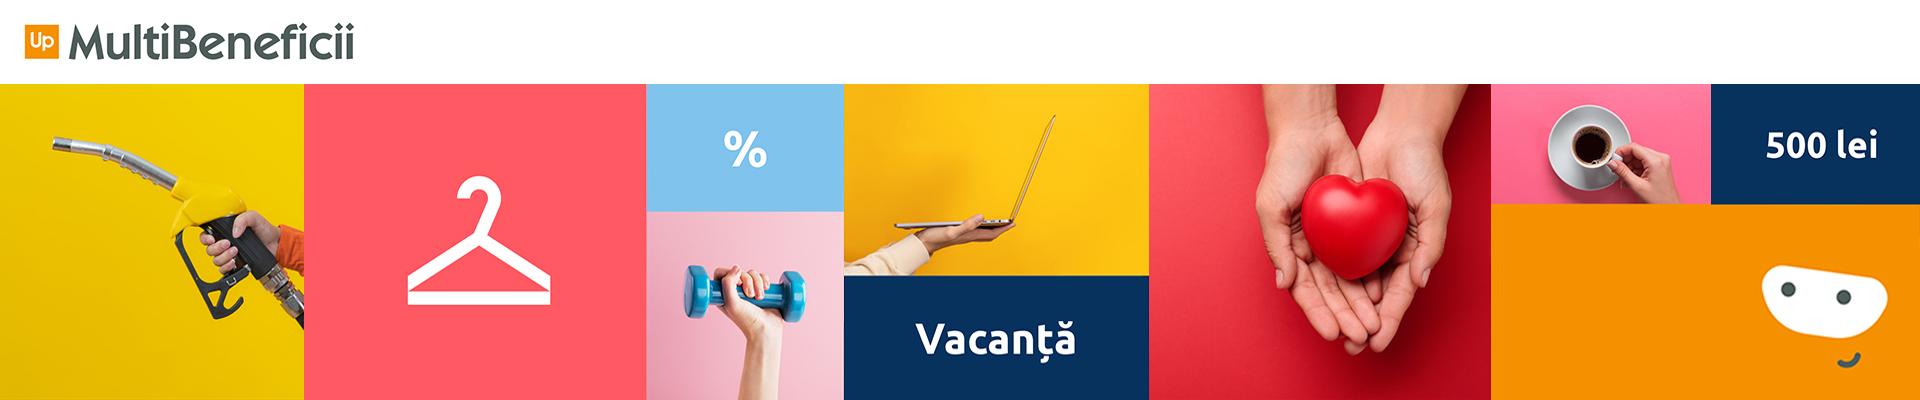 Beneficii flexibile pentru angajați}